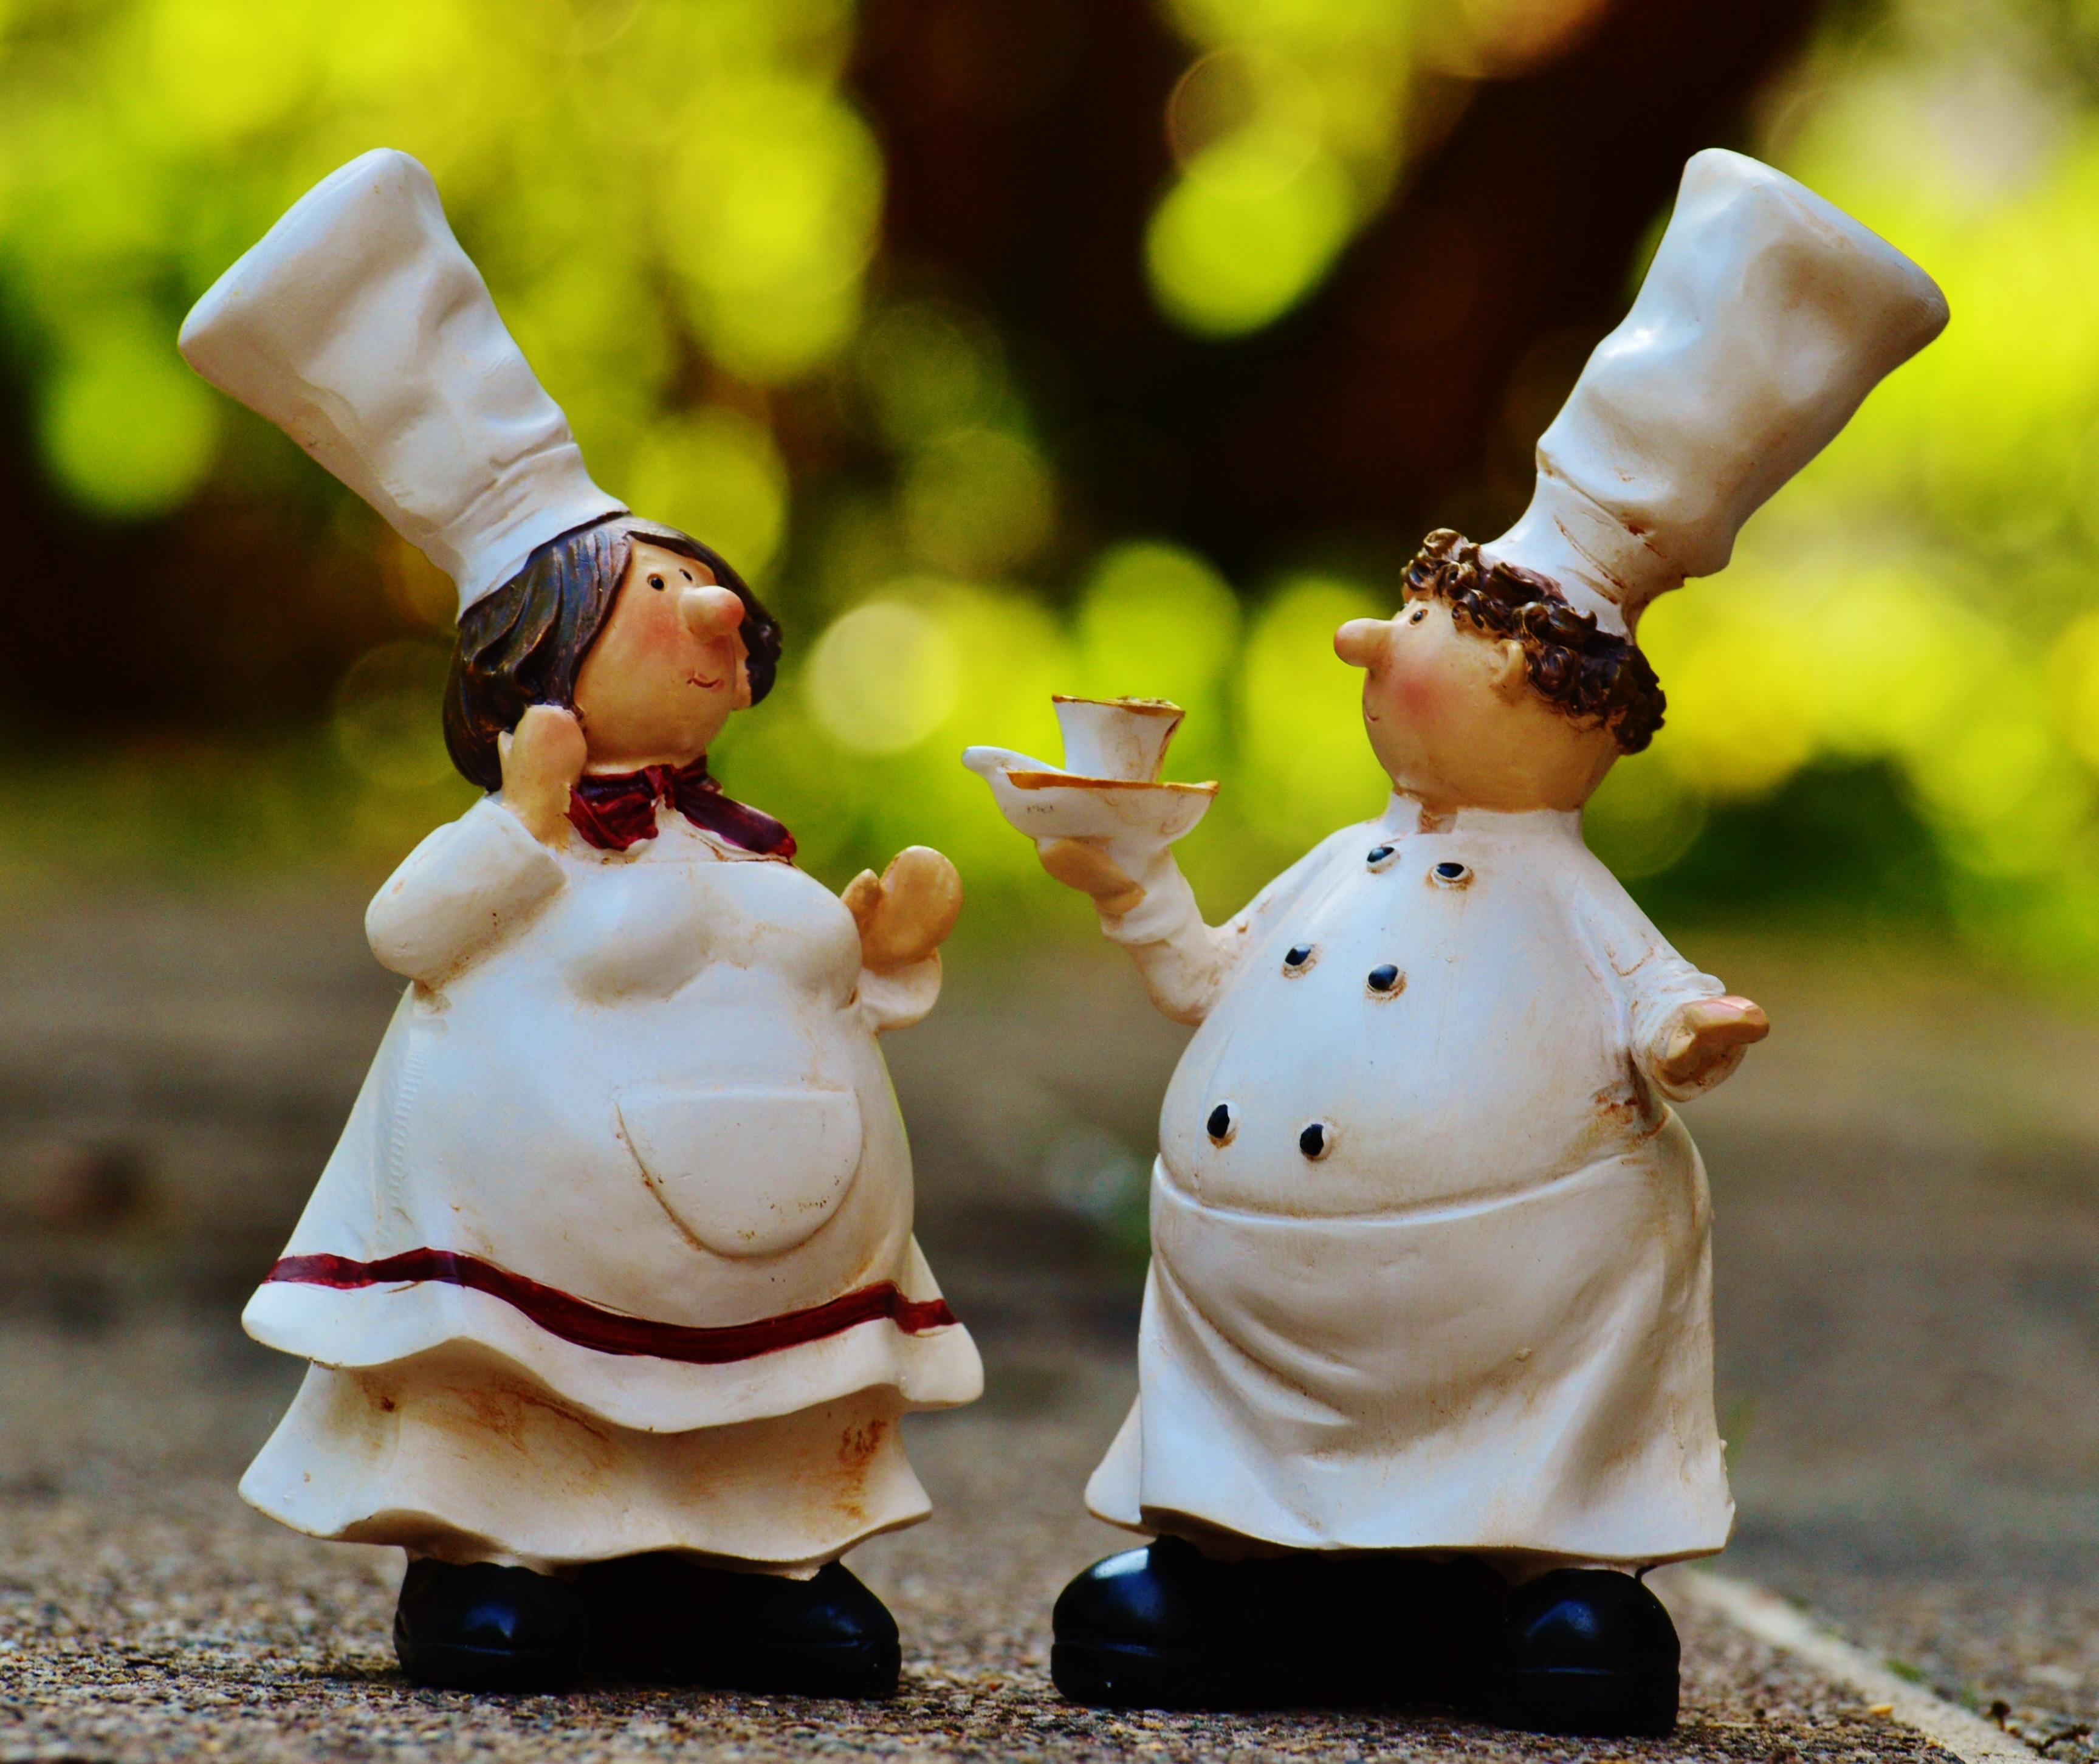 Gratis afbeeldingen koffie schattig kop de lente koken kind speelgoed figuur beeldje for Beeldkoken